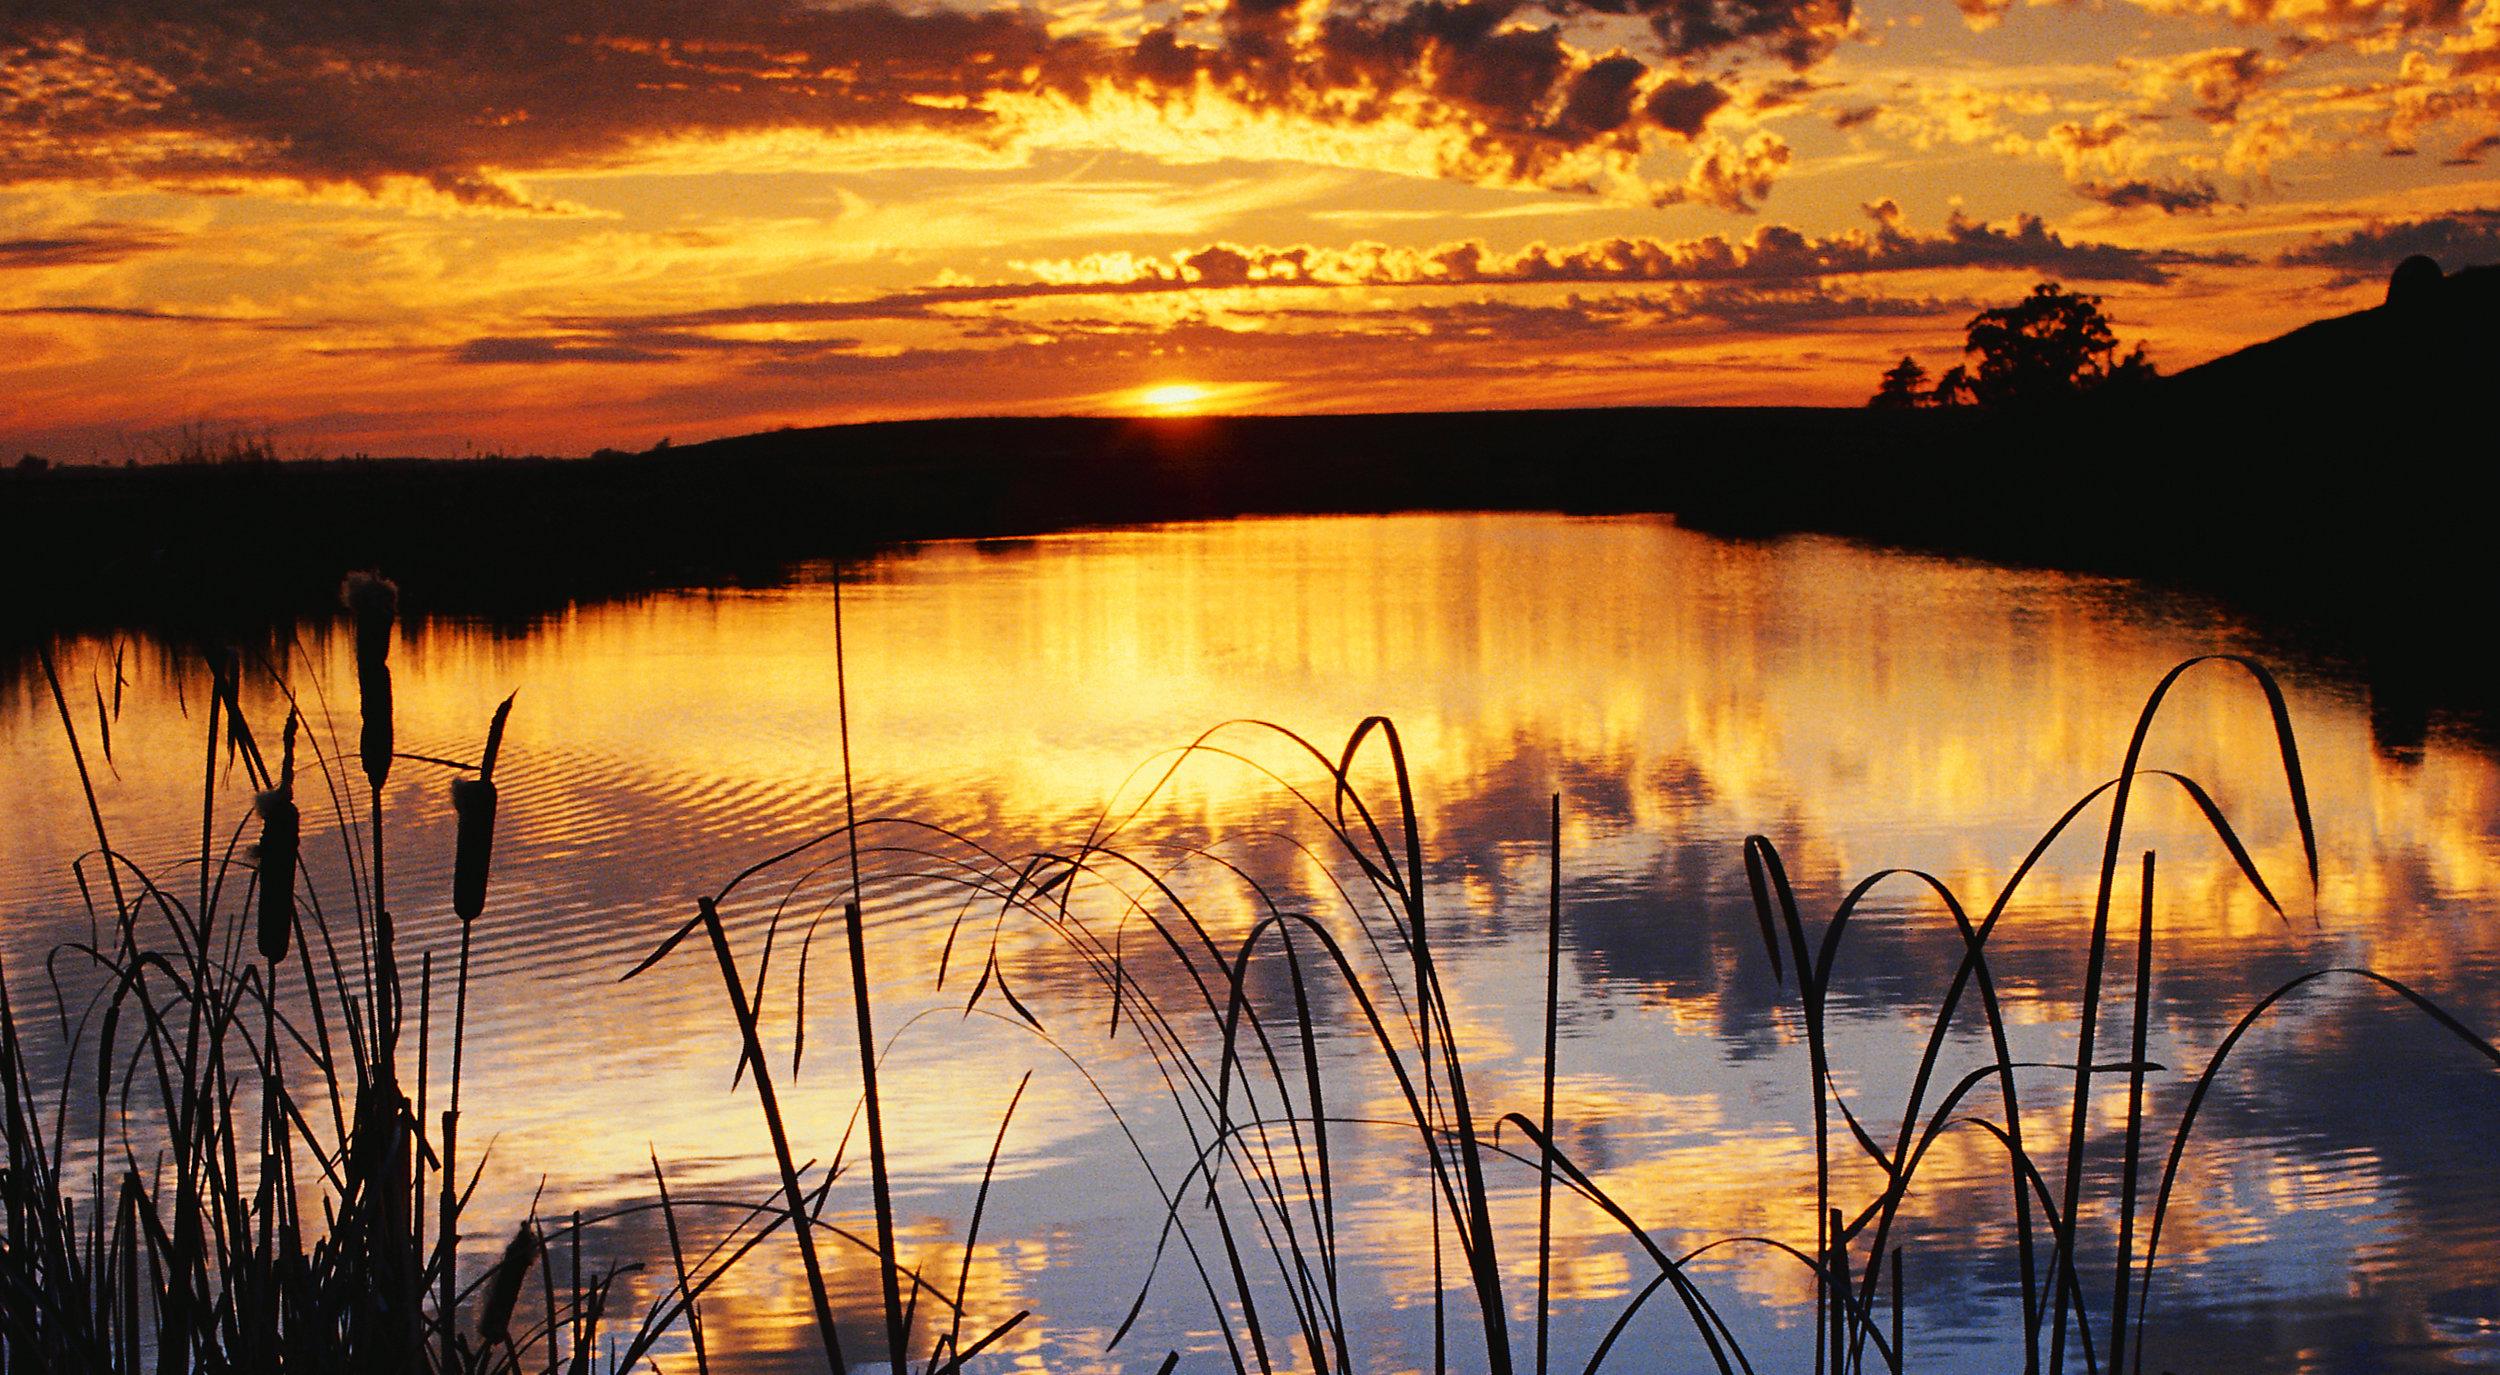 Chechessee Sunset.jpg